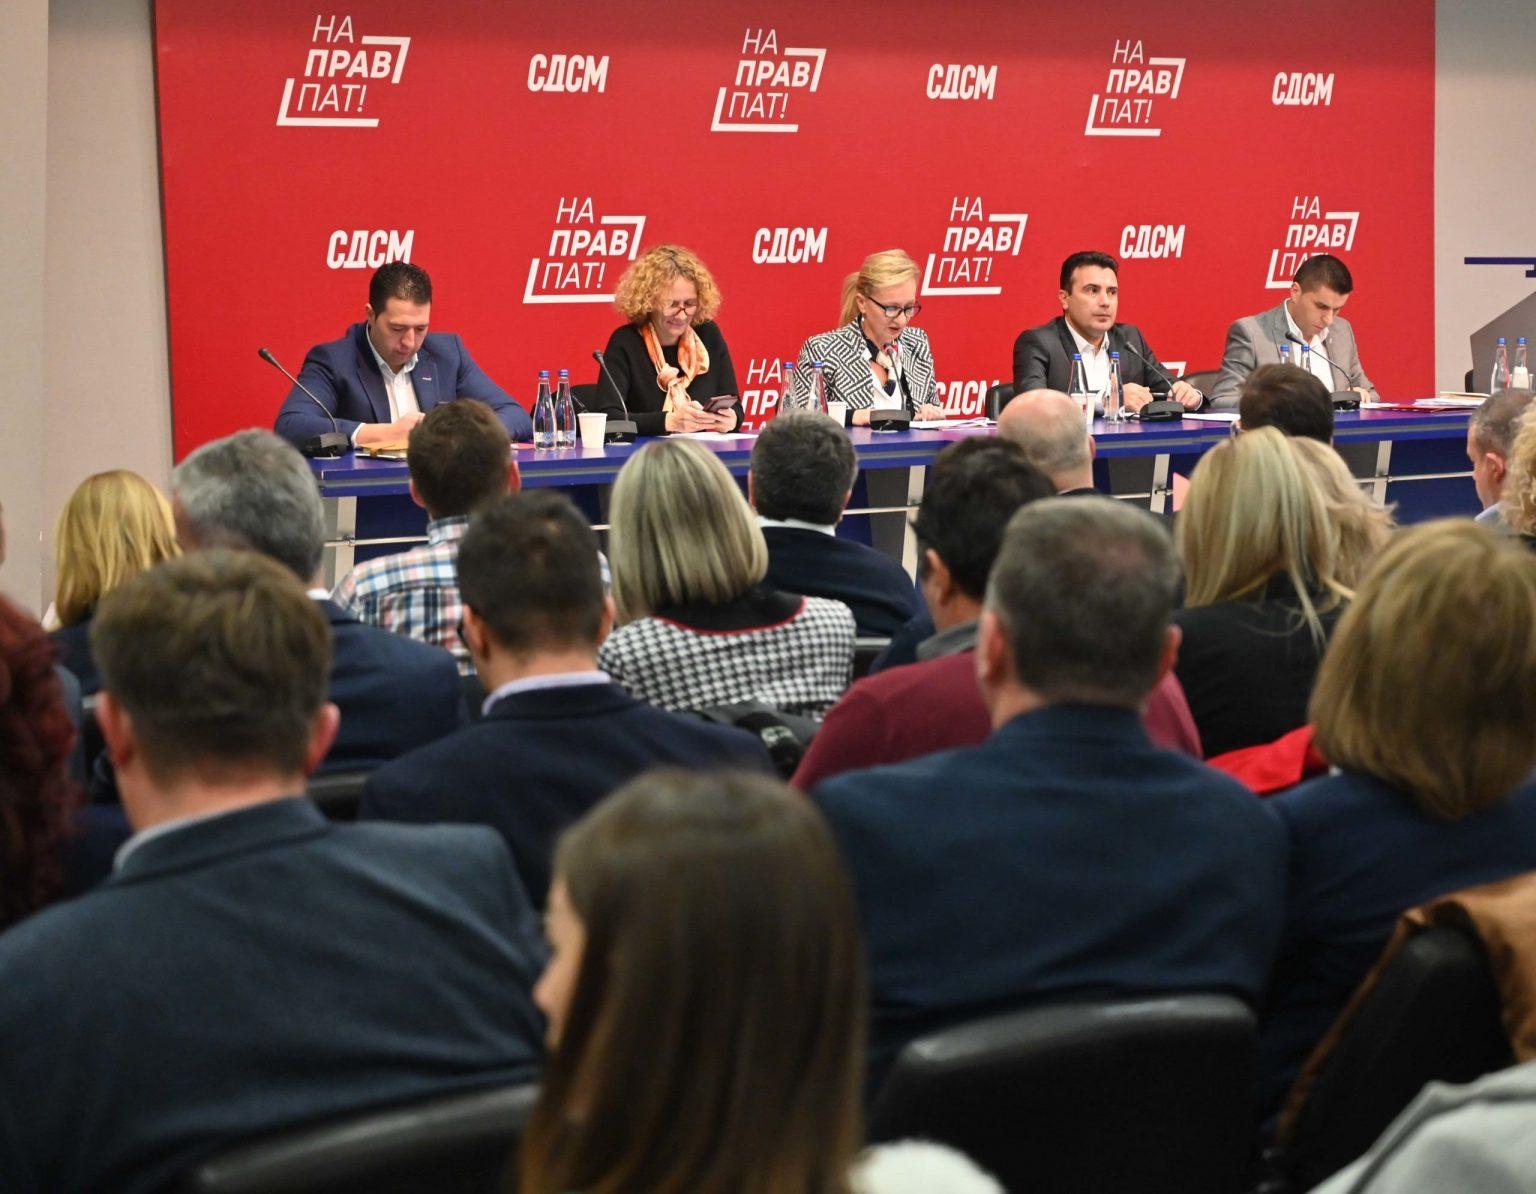 Βόρεια Μακεδονία: Στα κομματικά όργανα των SDSM-DUI η συμφωνία για σχηματισμό κυβέρνησης